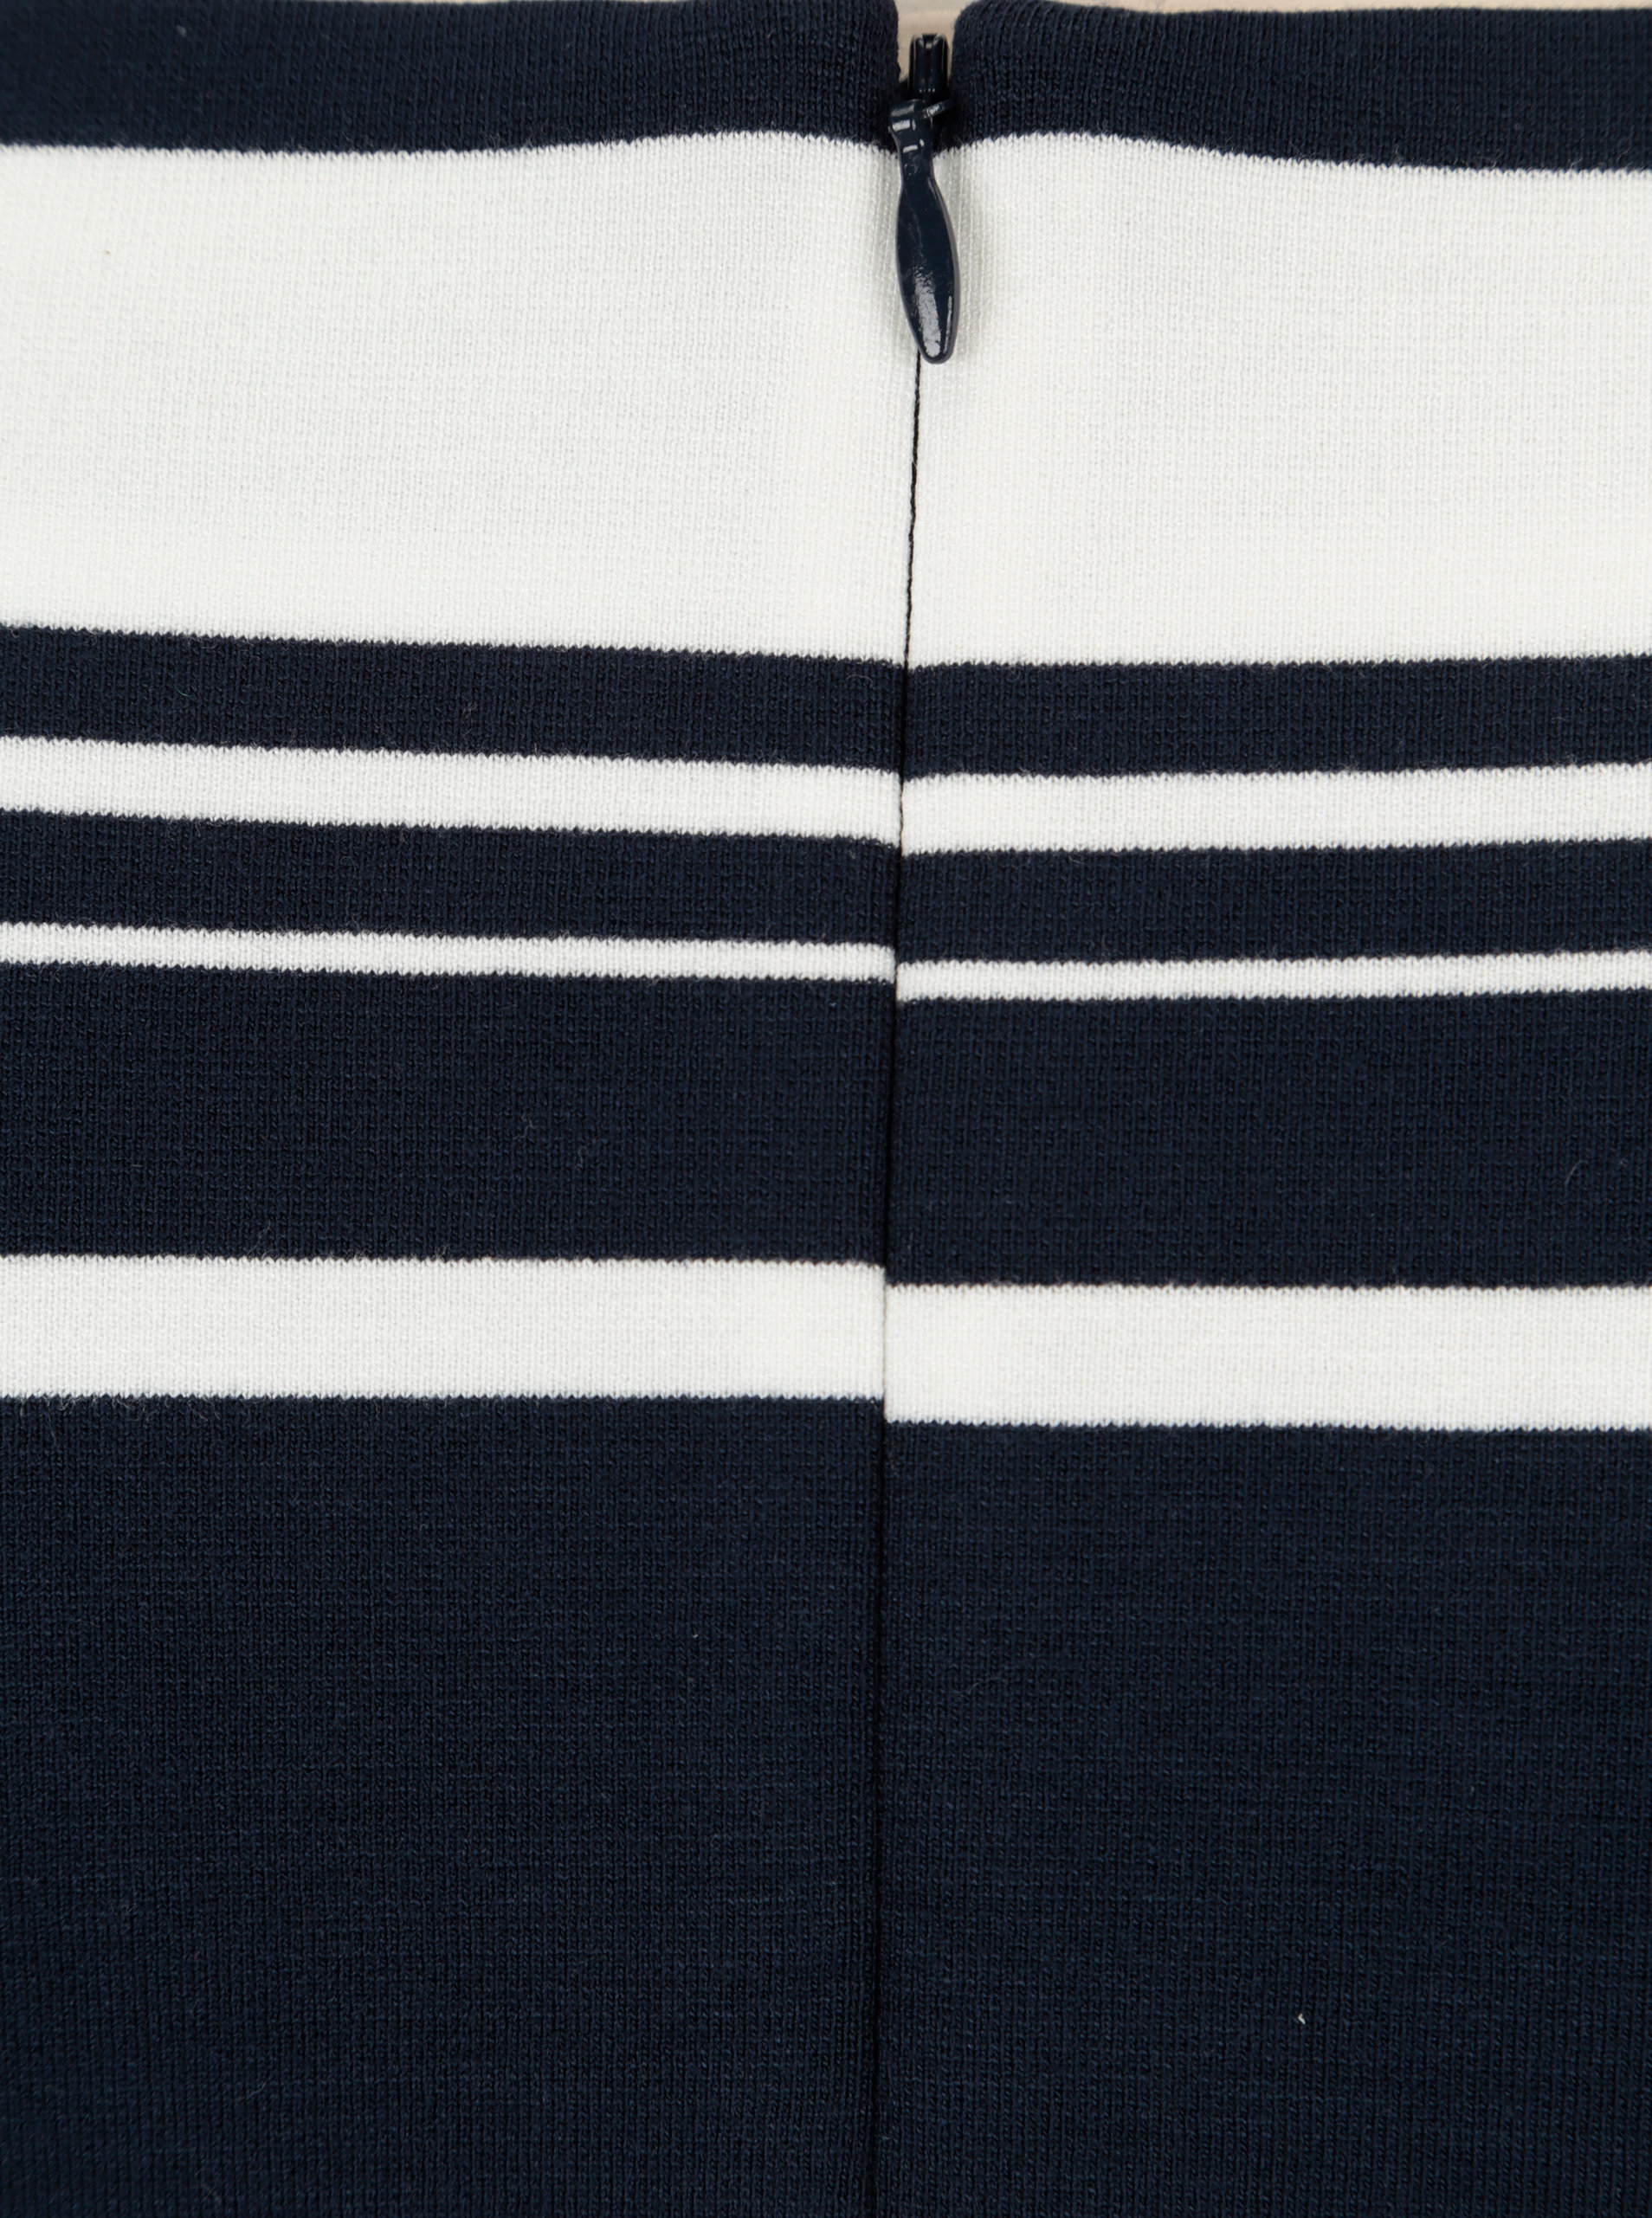 94511aefe22b Modro-biele pruhované šaty s krátkym rukávom GANT ...